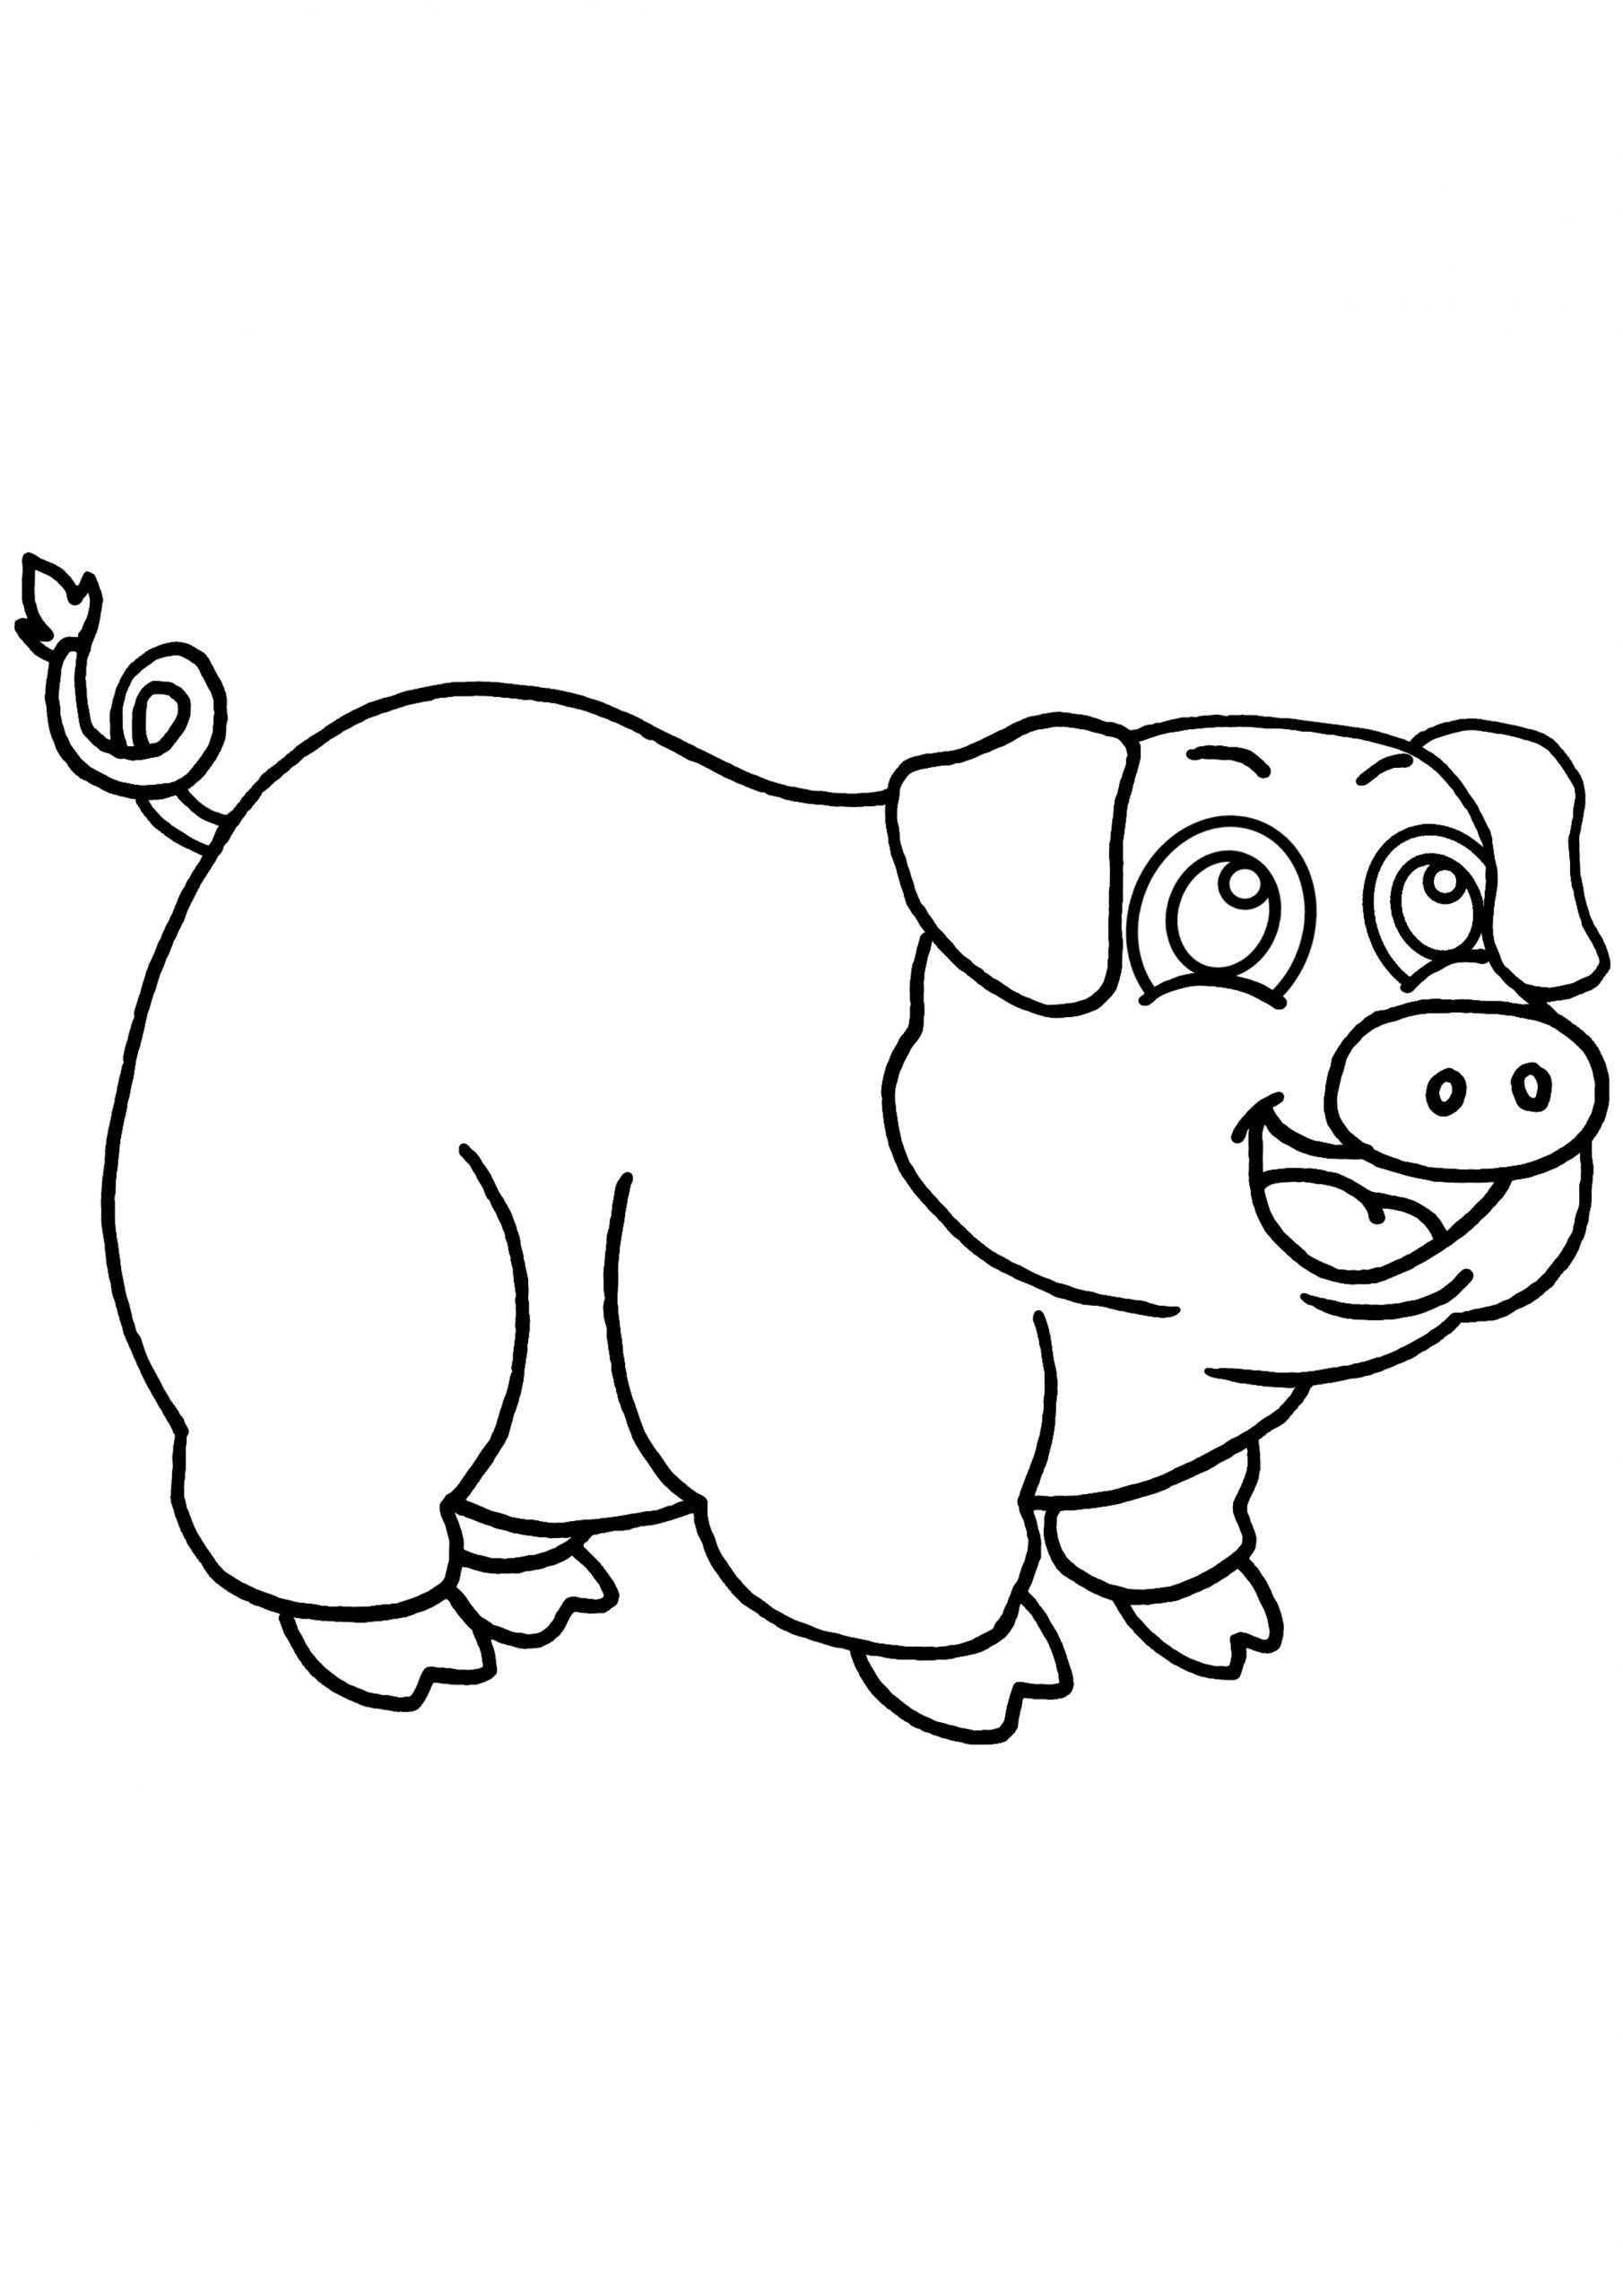 Cochon #24 (Animaux) – Coloriages À Imprimer pour Dessin A Colorier Cochon